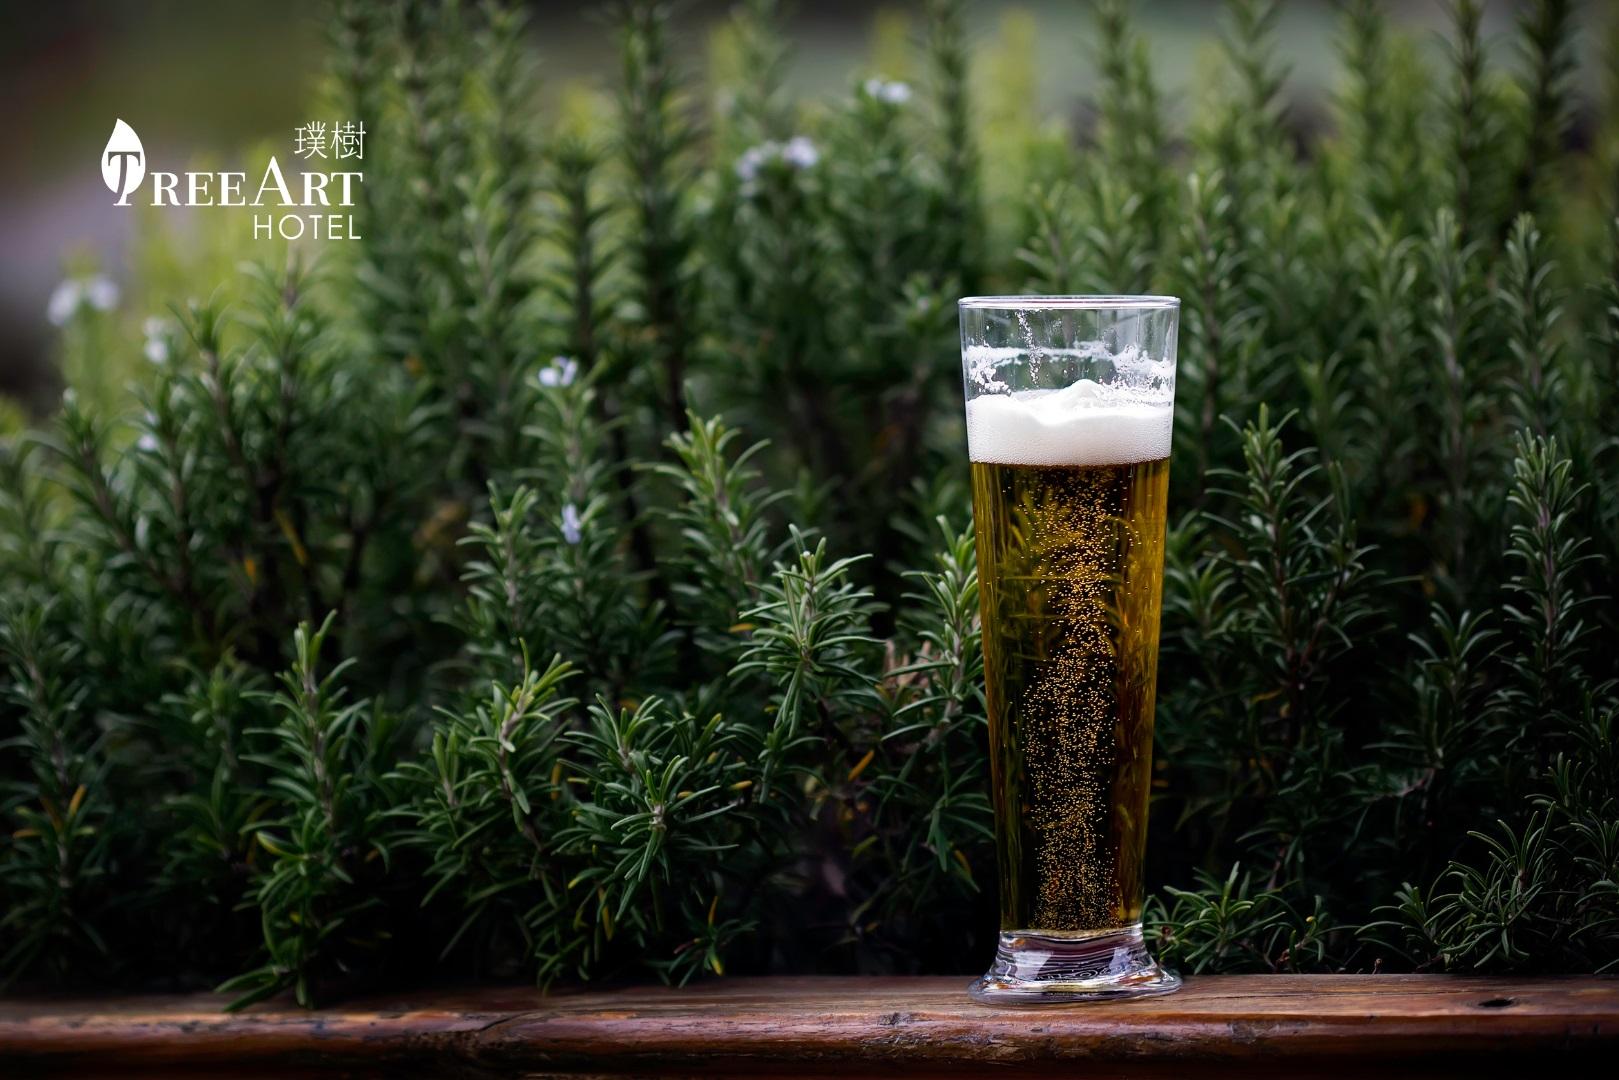 獨家精釀 ‧ 啤酒品飲體驗開課中